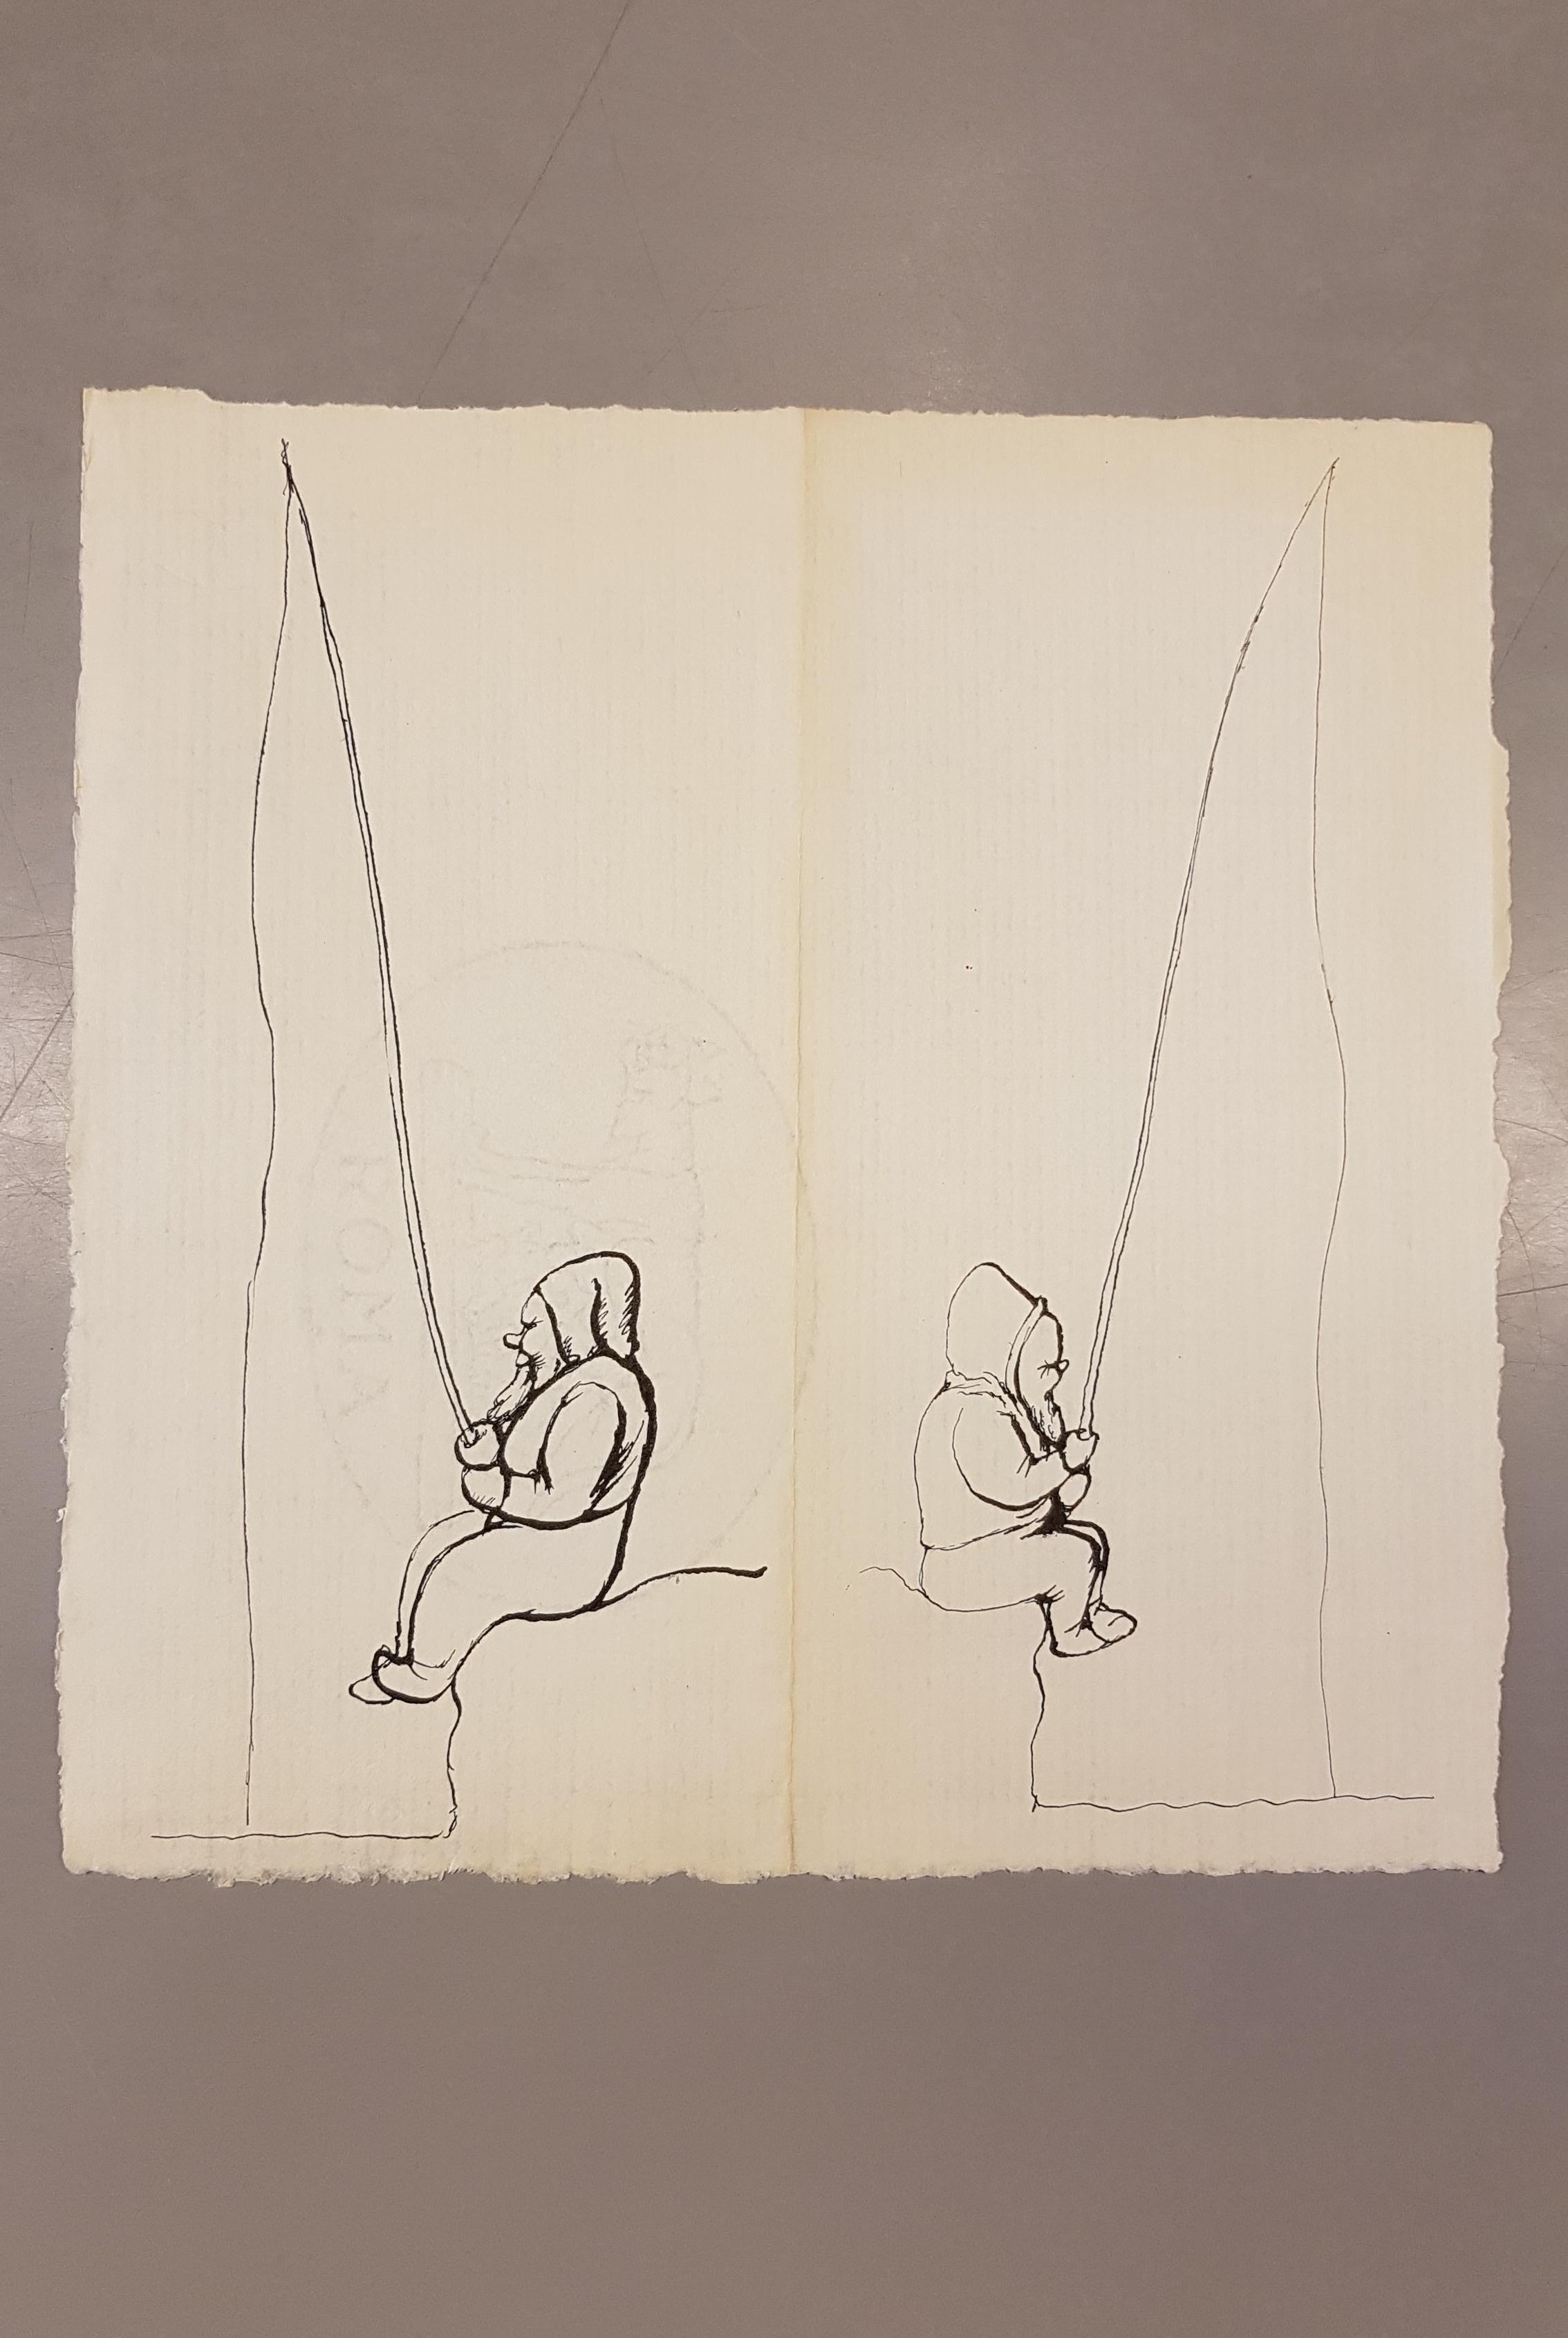 Entführung der Gartenzwerge. Brief von Fritz Fischer. In Copyright.